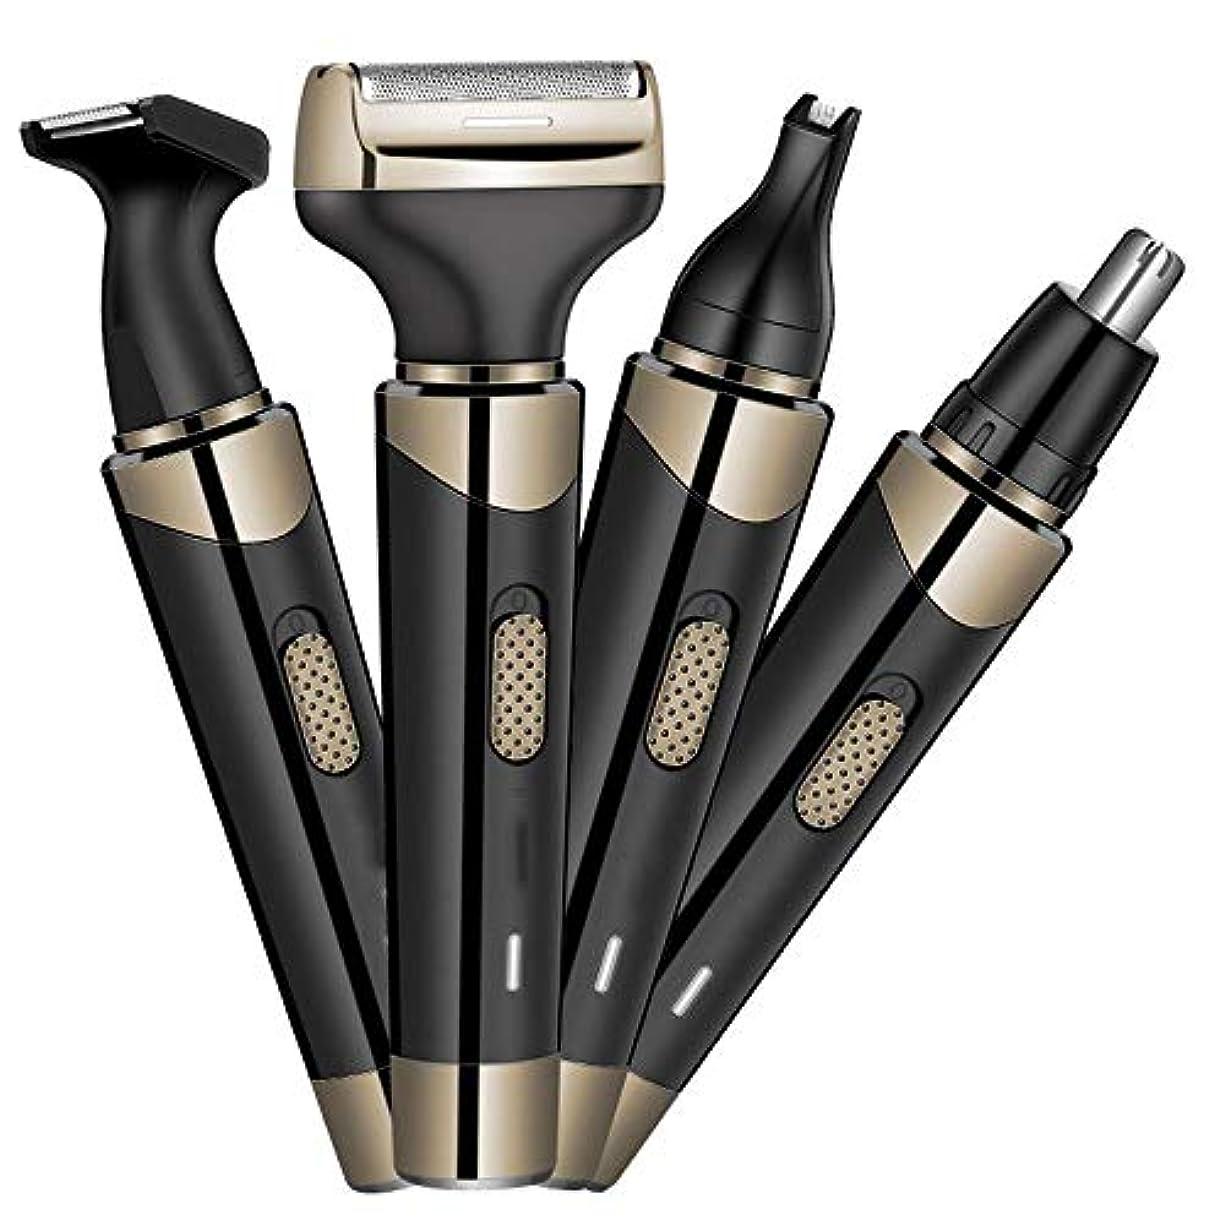 ハーネススコアブルゴーニュ鼻毛カッター はなげカッター 多機能レイザーUsbのフォーインワンスーツメンズビアード鼻毛トリマー (Color : Black, Size : USB)